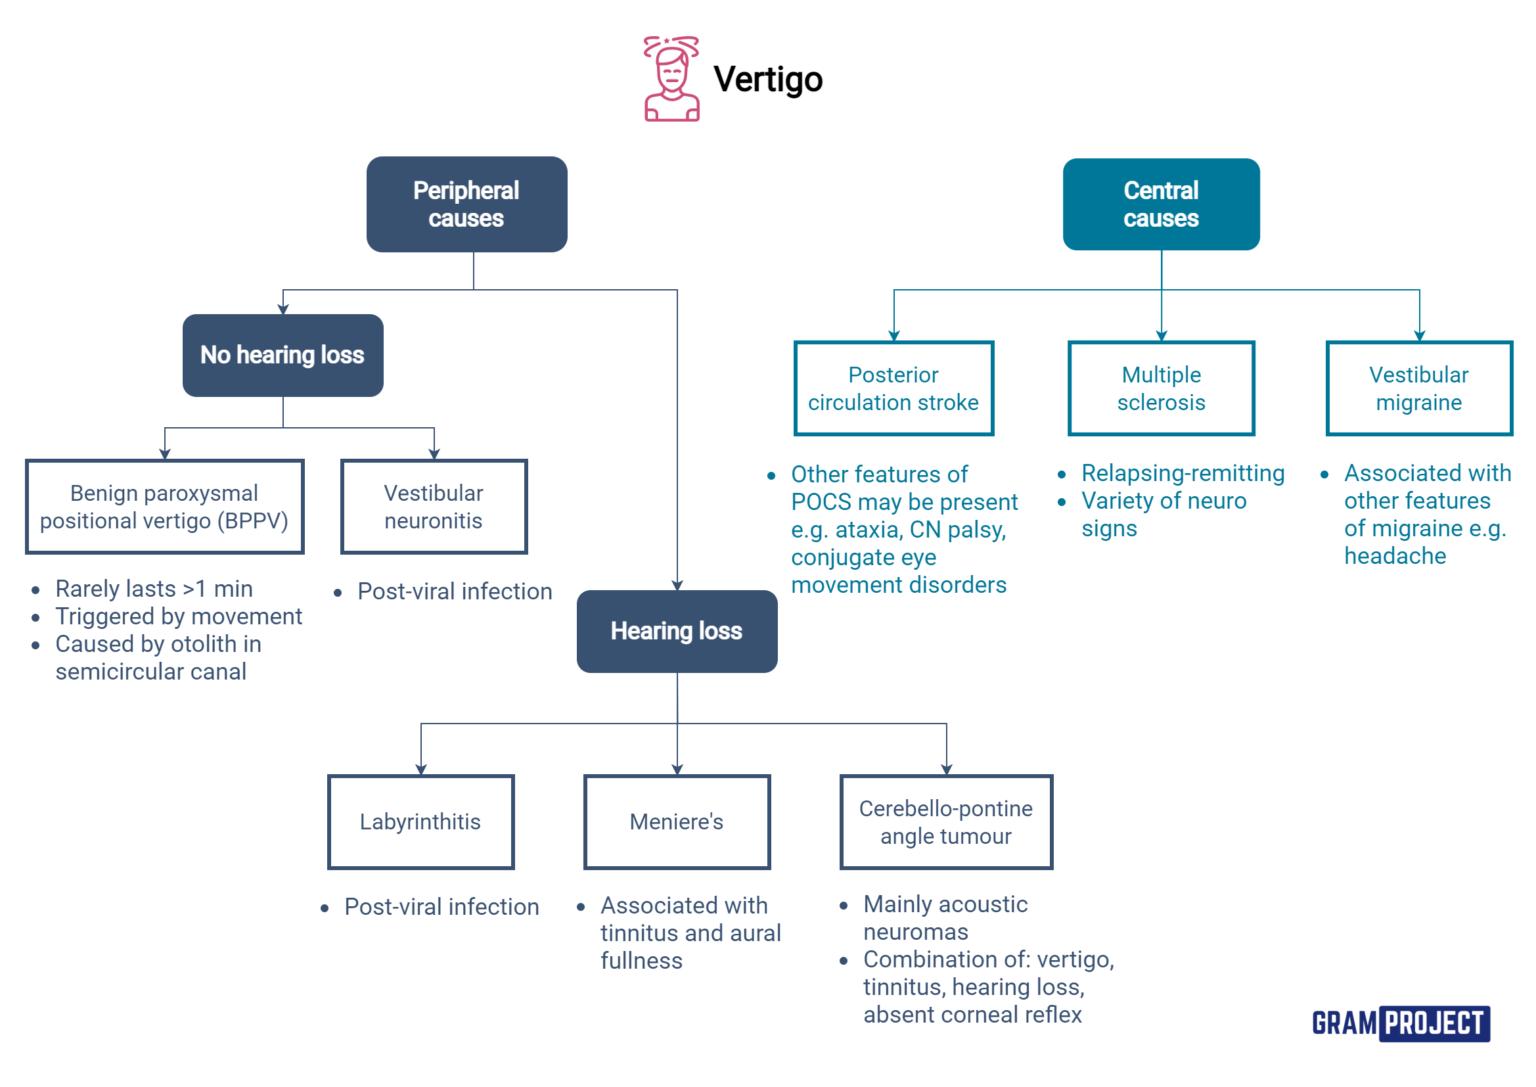 Diagnostic algorithm to approaching a patient presenting with vertigo